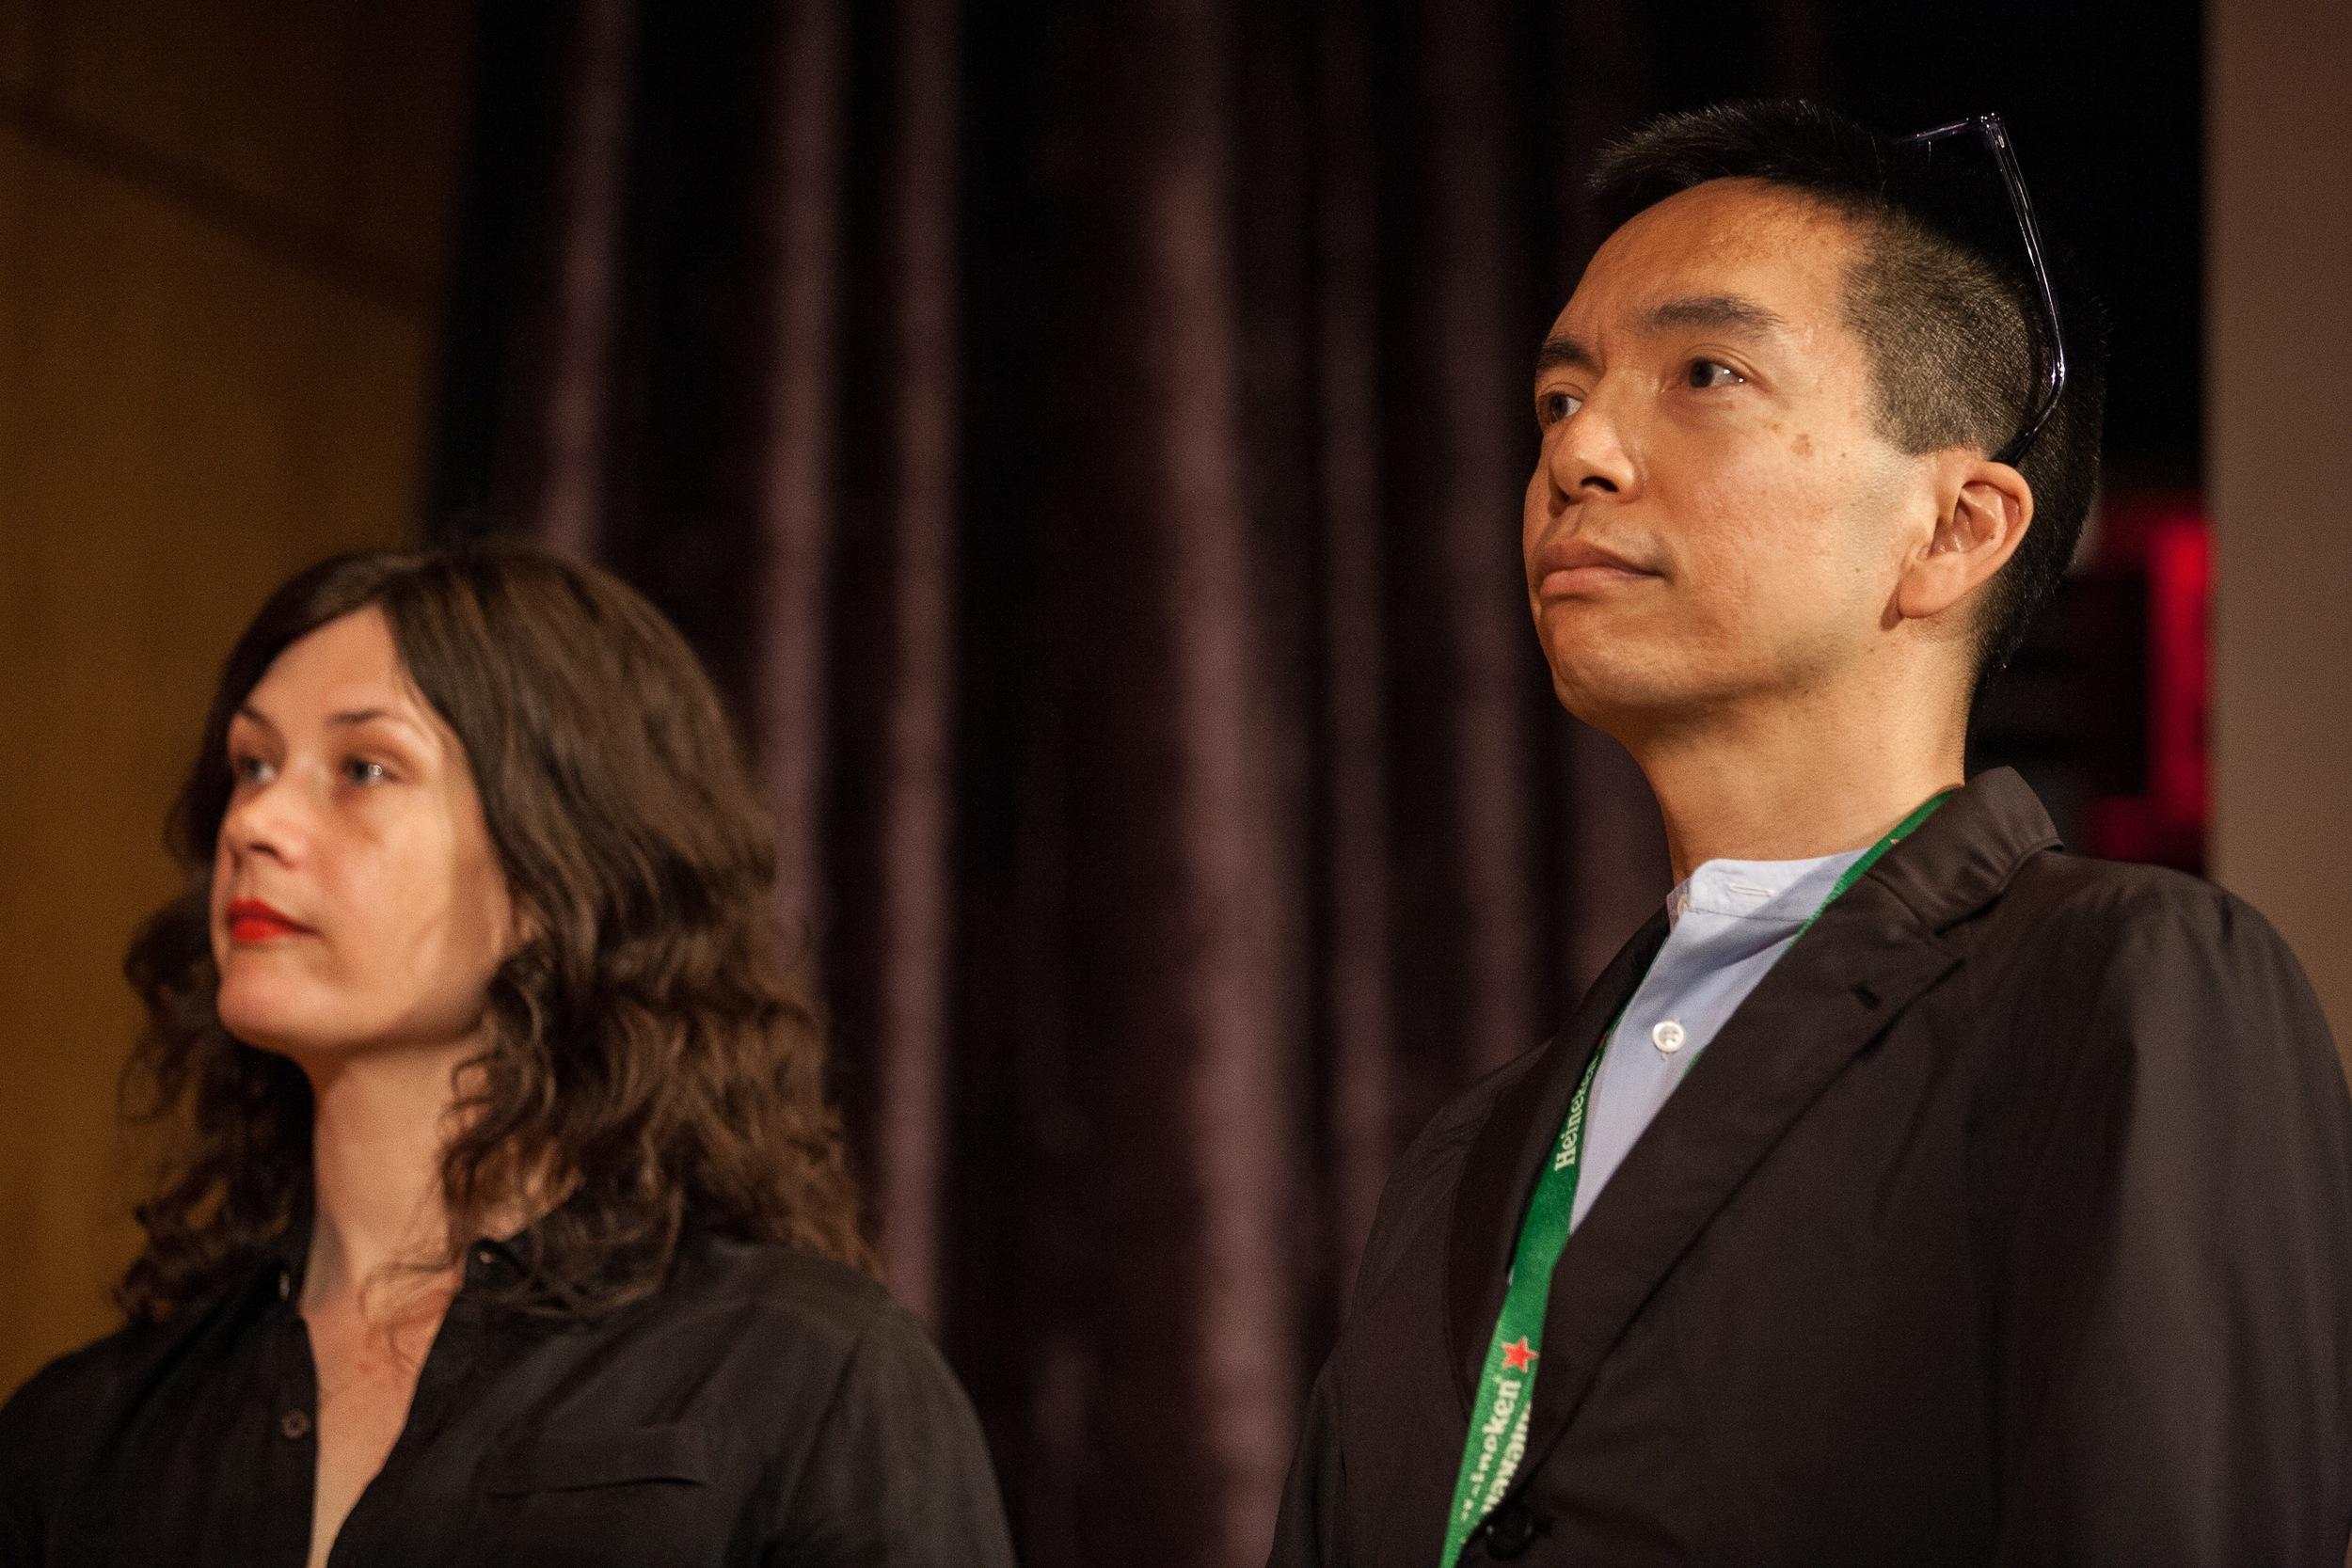 Tribeca Disruptive Innovation Awards 2013 - 134.jpg